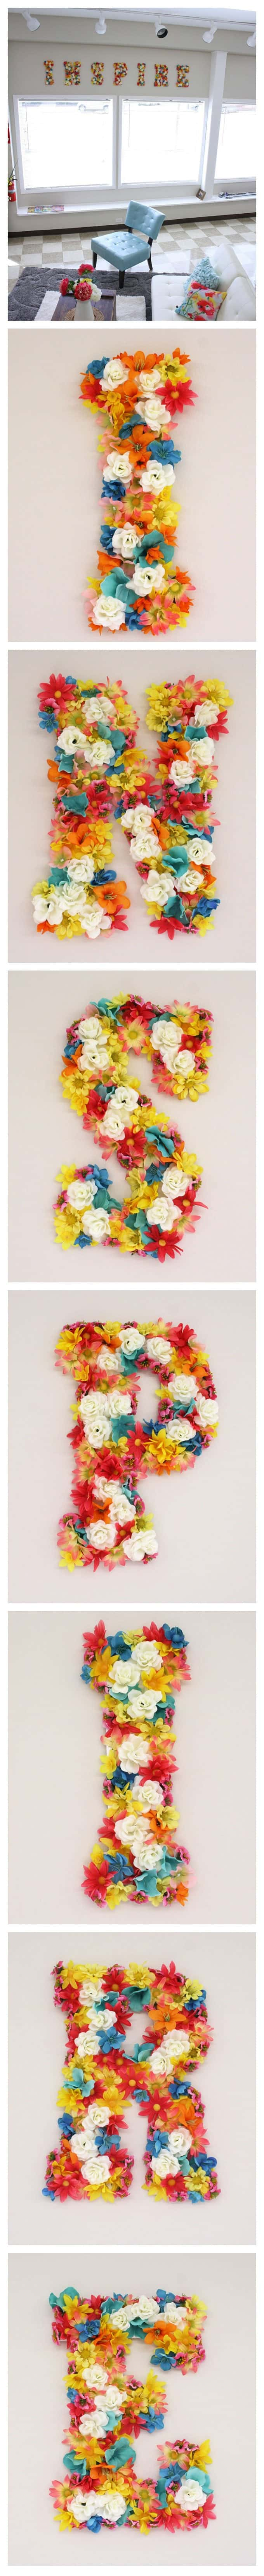 diy flower wall letters amanda formaro crafts by amanda